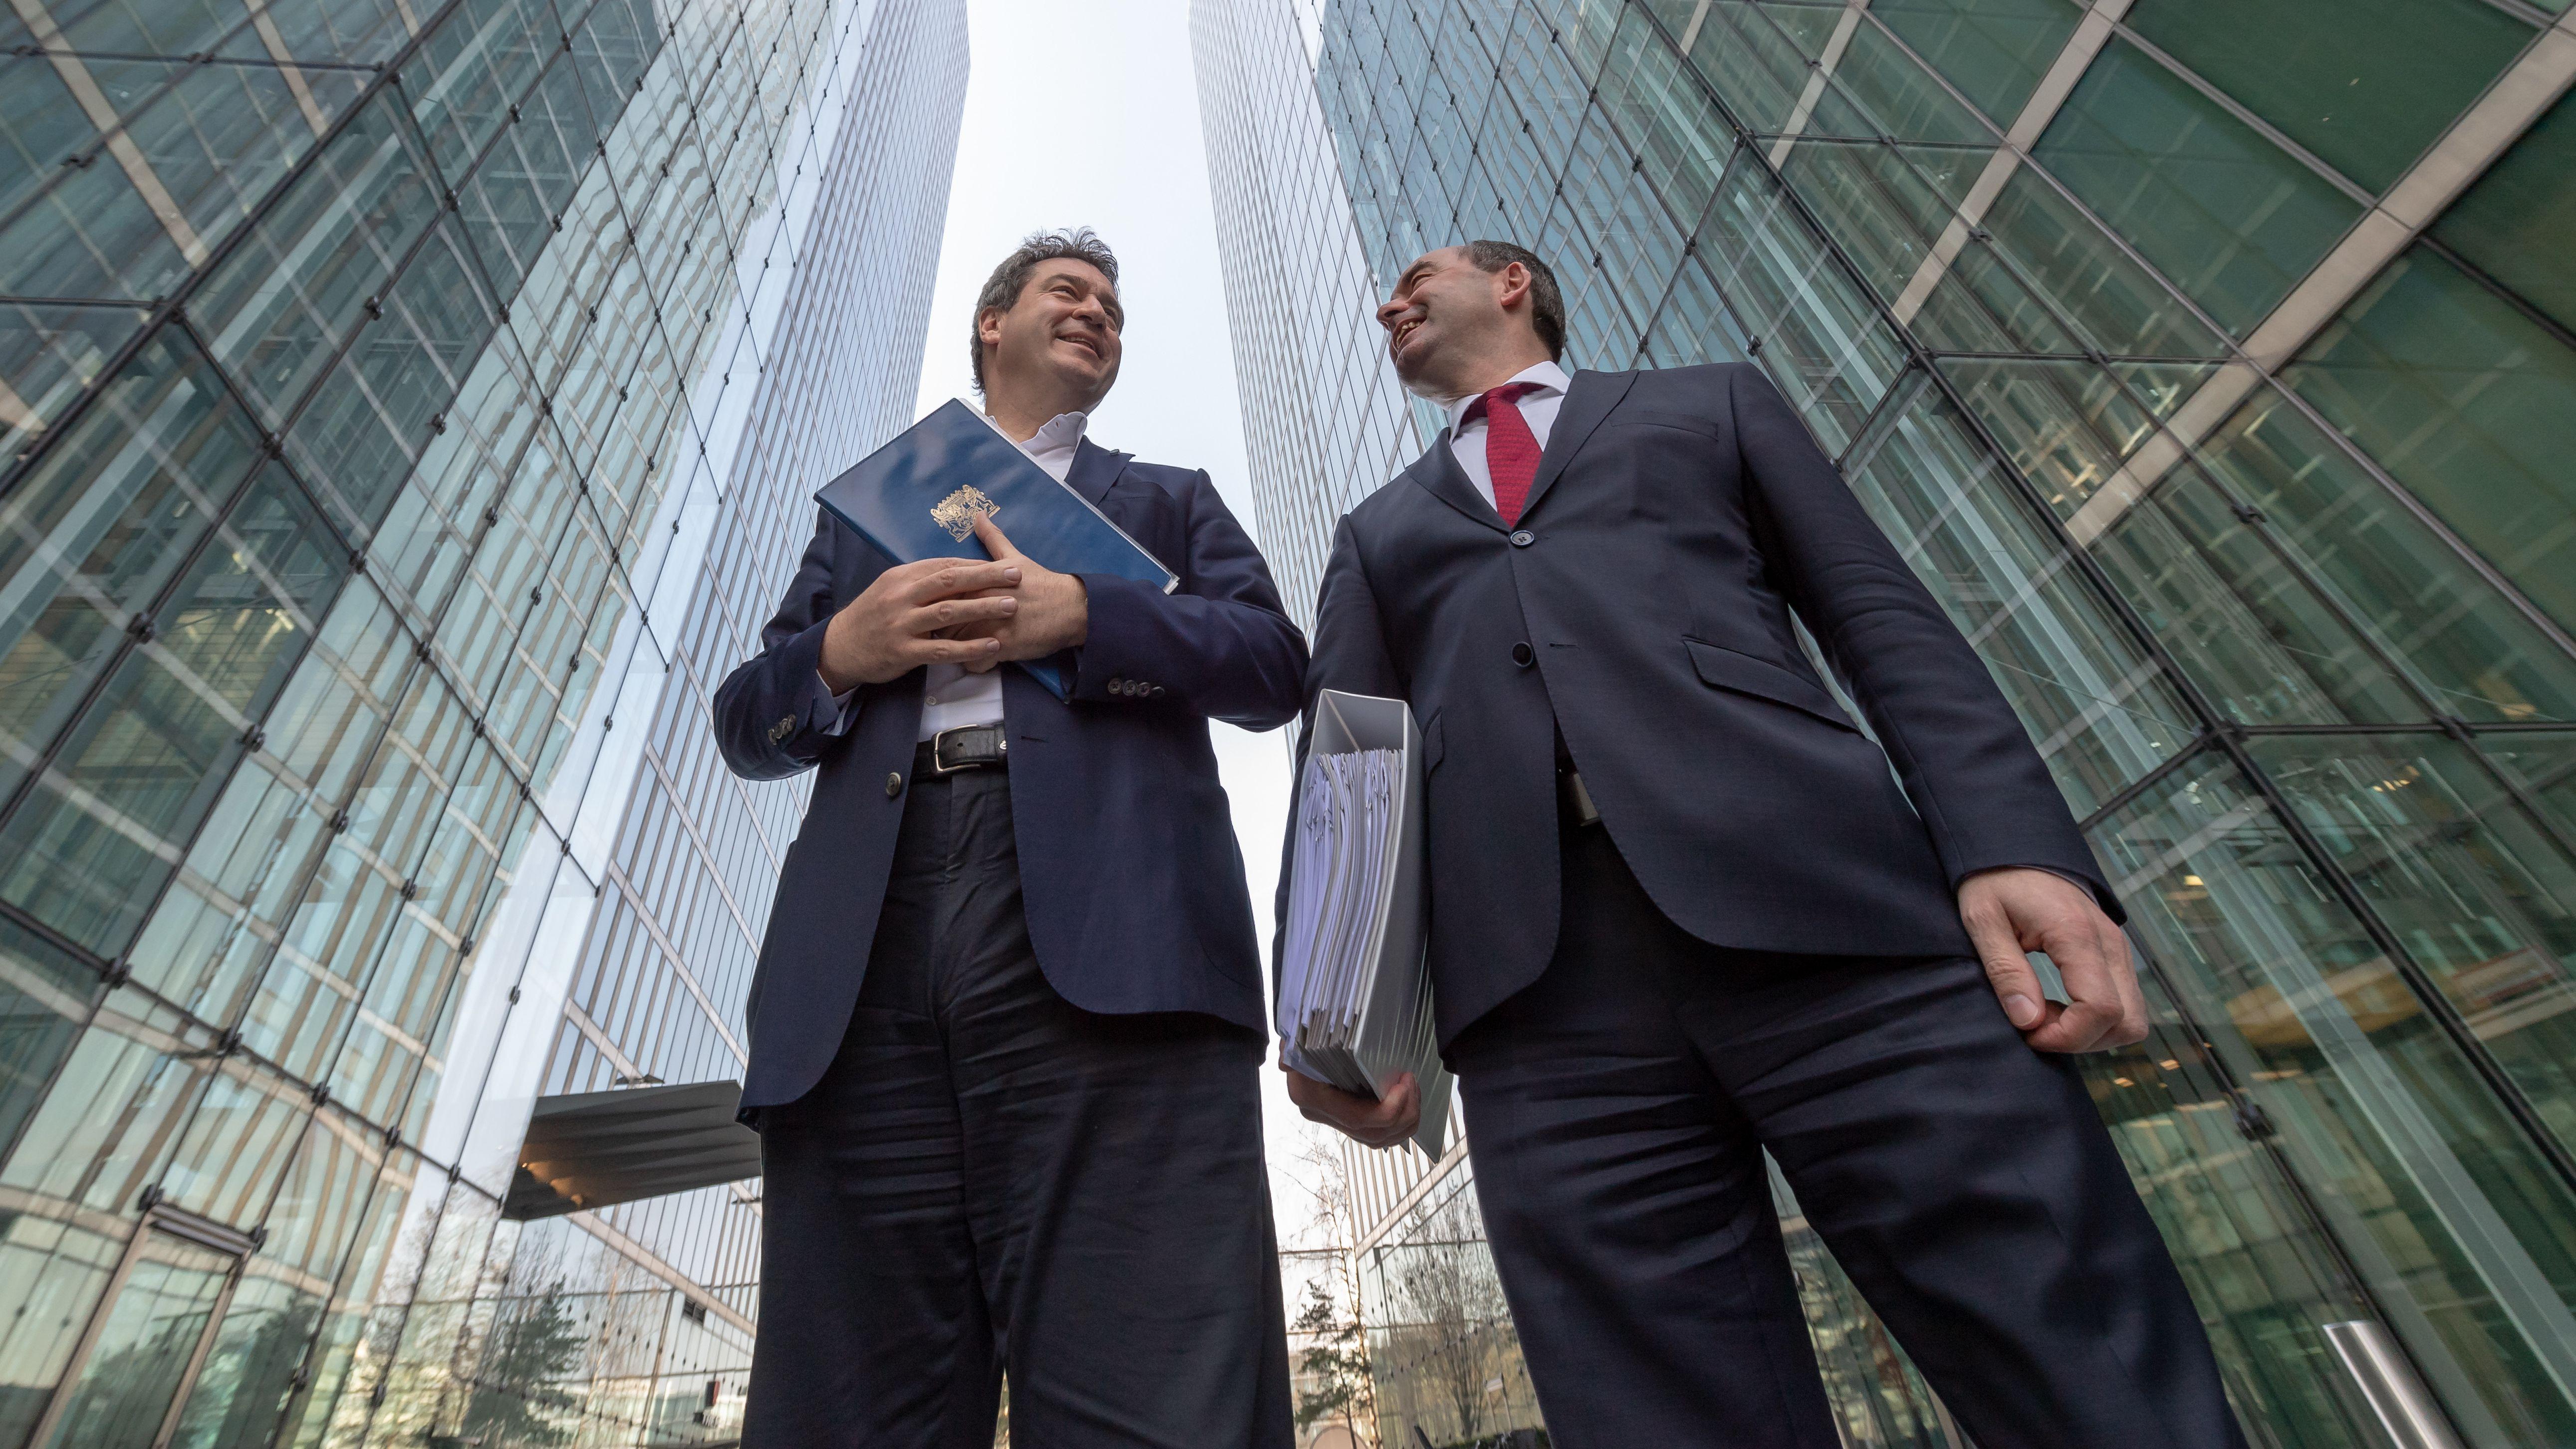 Aiwanger und Söder stehen vor Beginn einer Kabinettssitzung zwischen den beiden Highlight-Towers, in denen die Sitzung stattfindet.